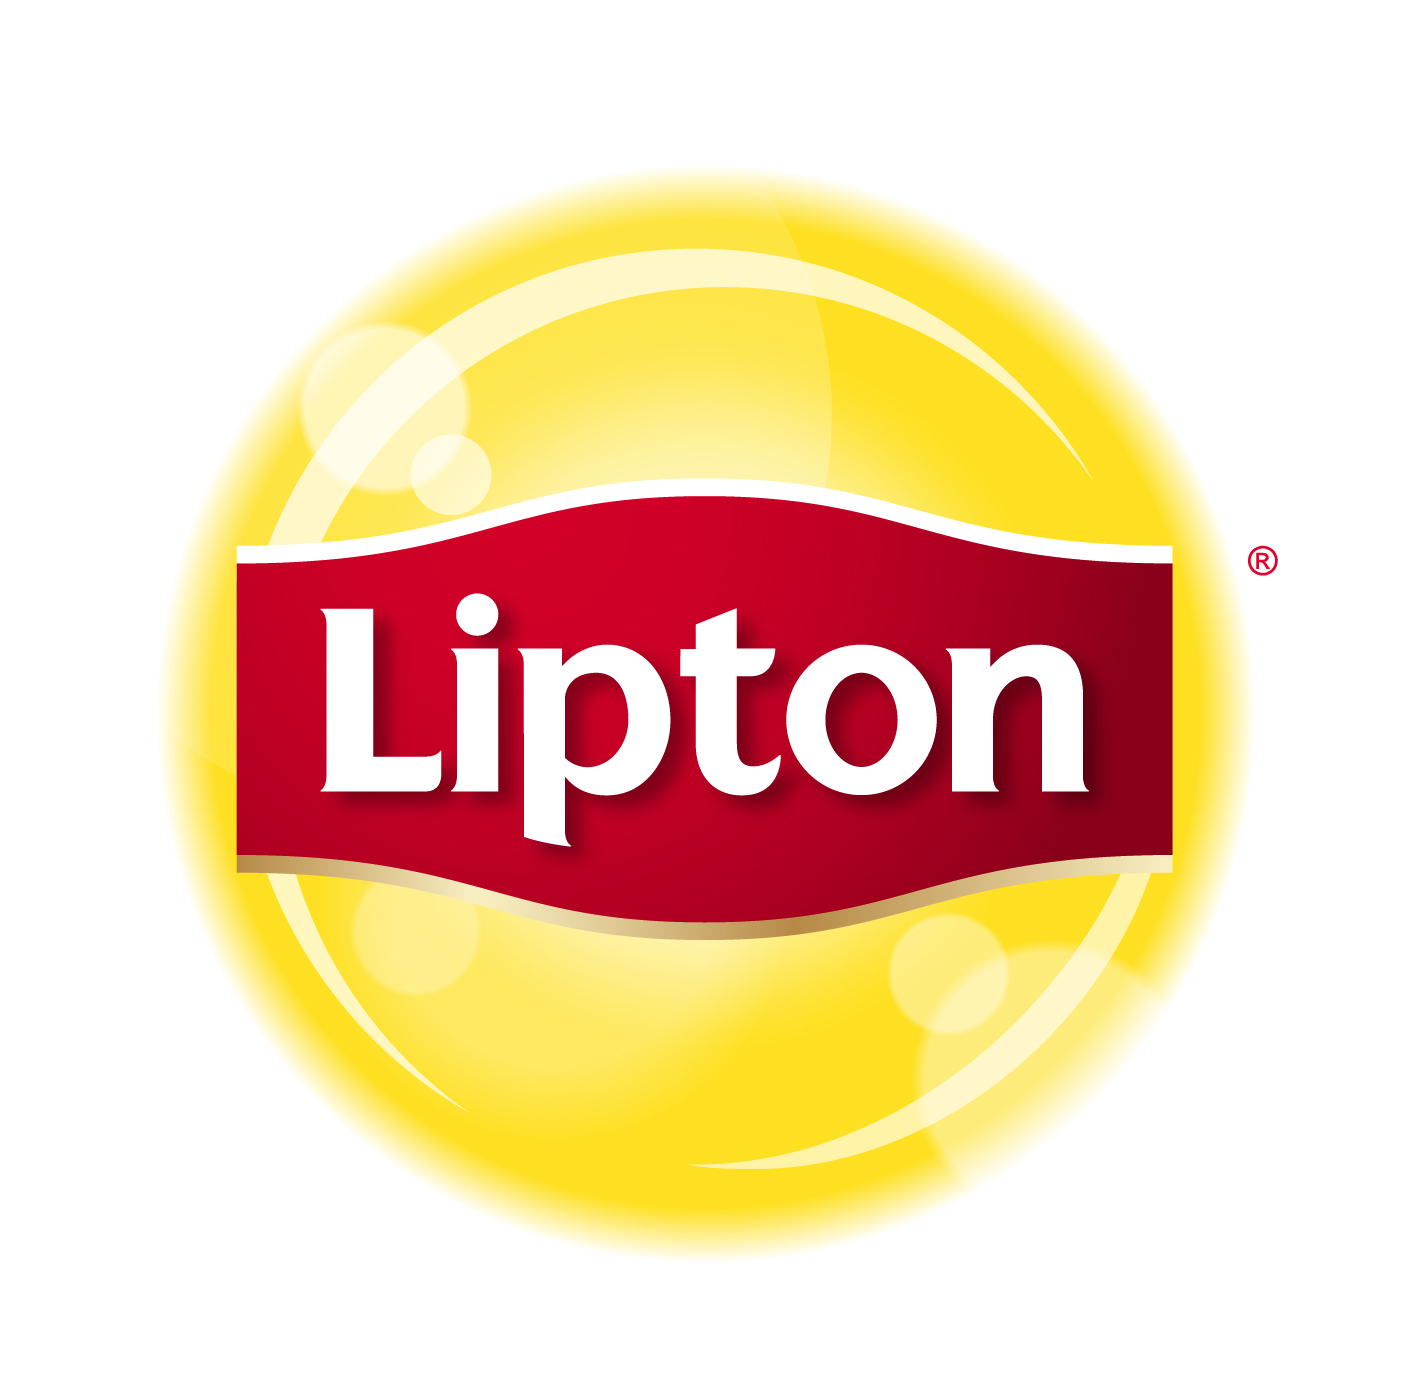 lipton logo logga